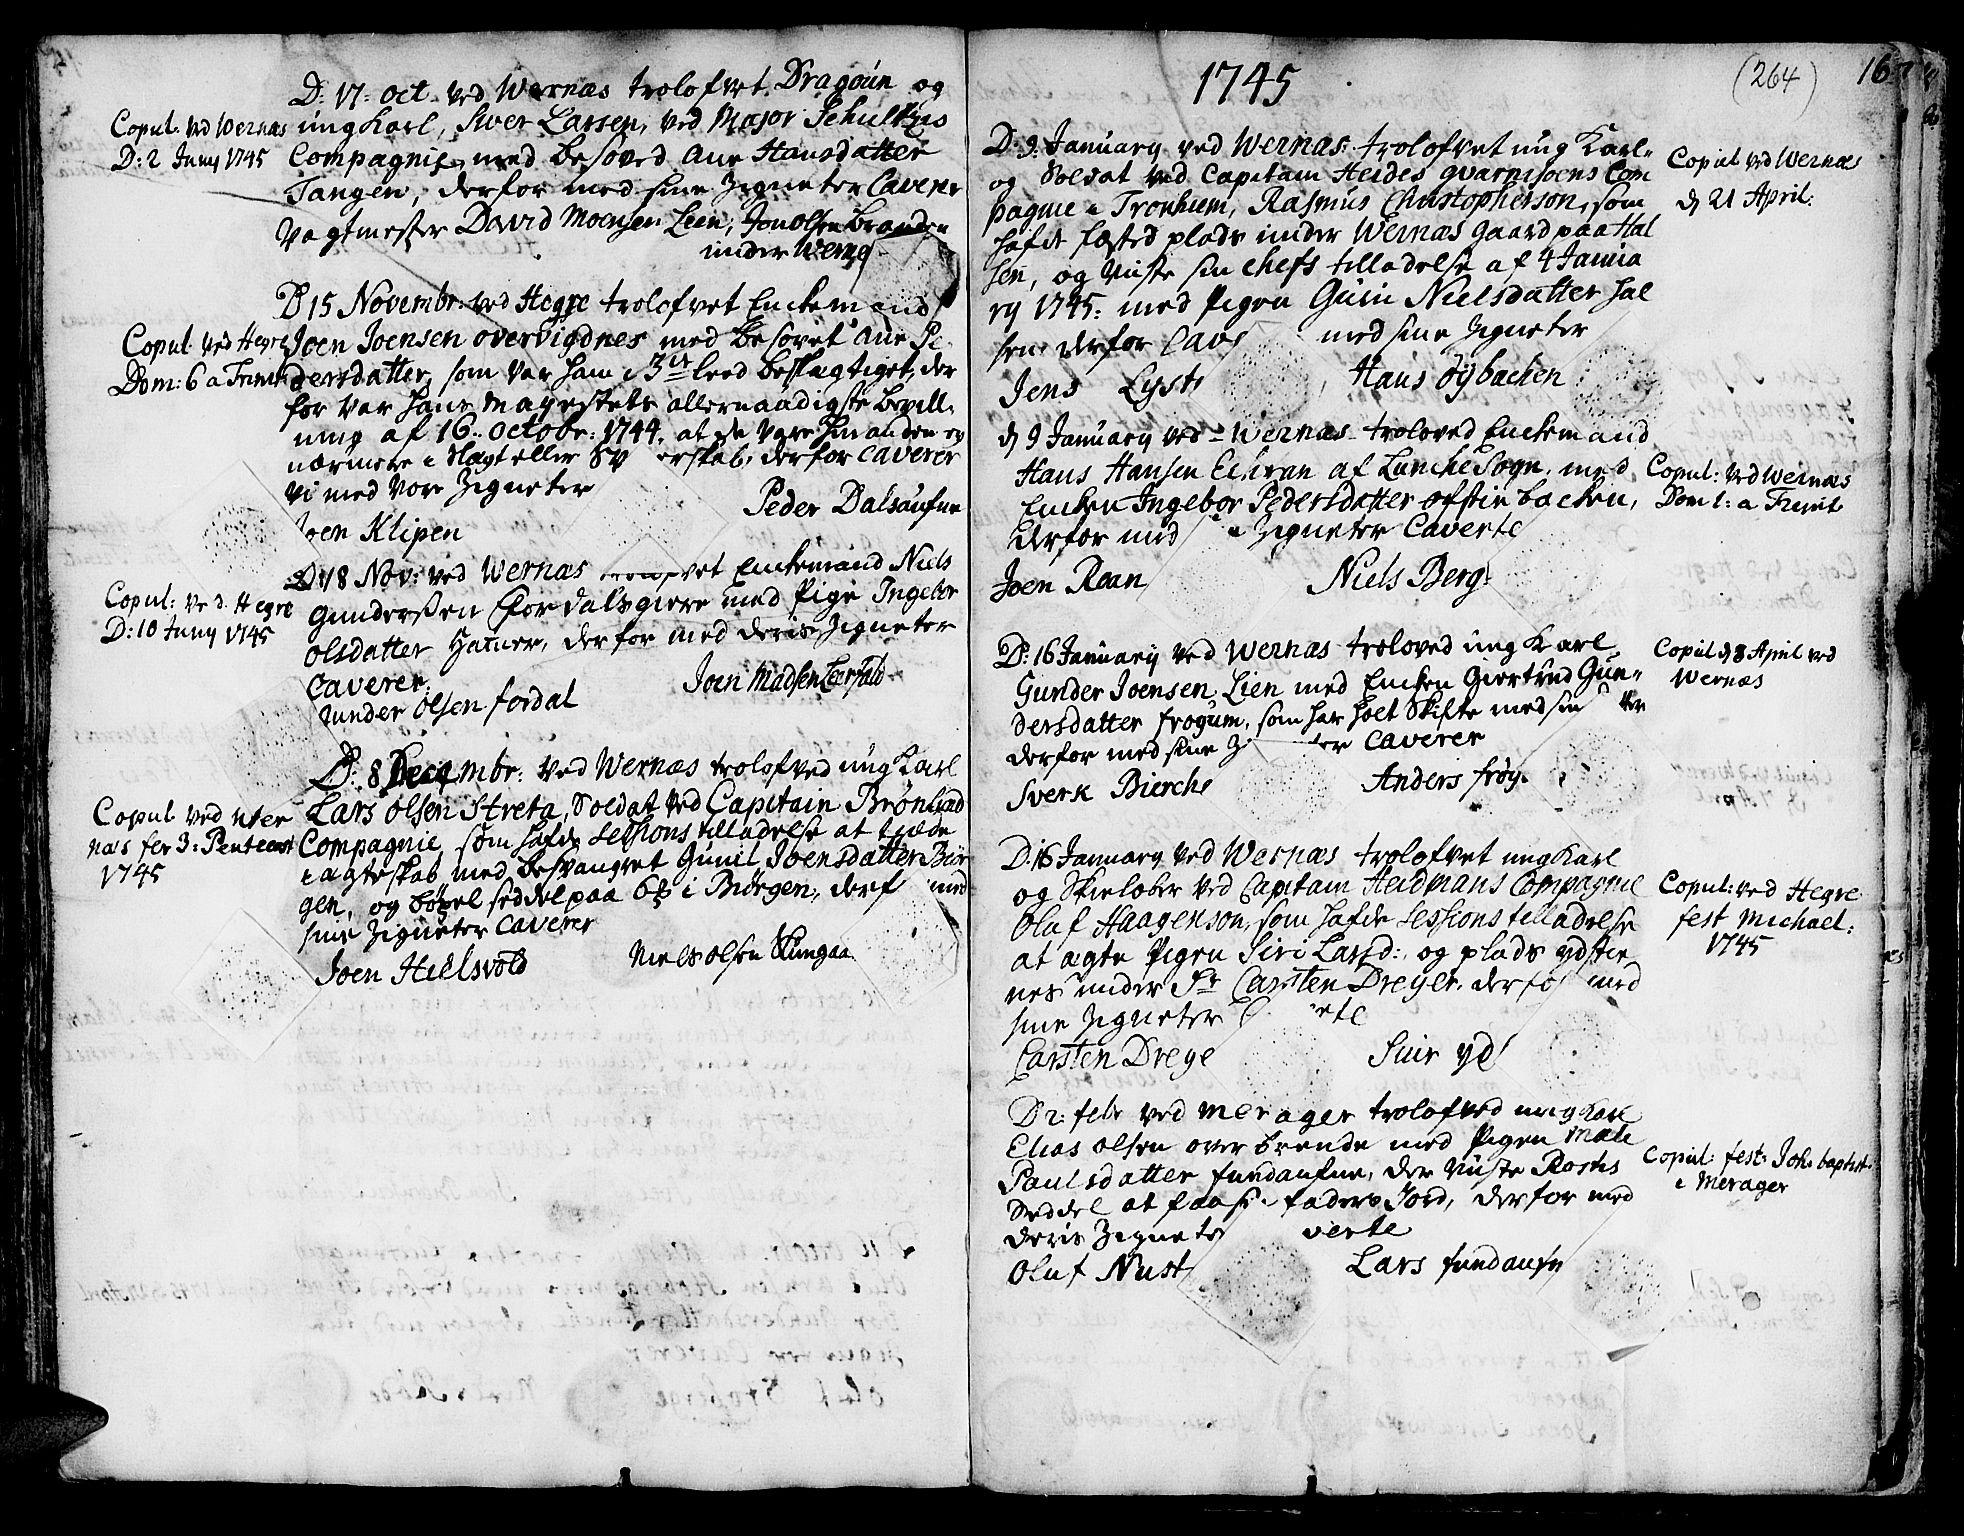 SAT, Ministerialprotokoller, klokkerbøker og fødselsregistre - Nord-Trøndelag, 709/L0056: Ministerialbok nr. 709A04, 1740-1756, s. 264